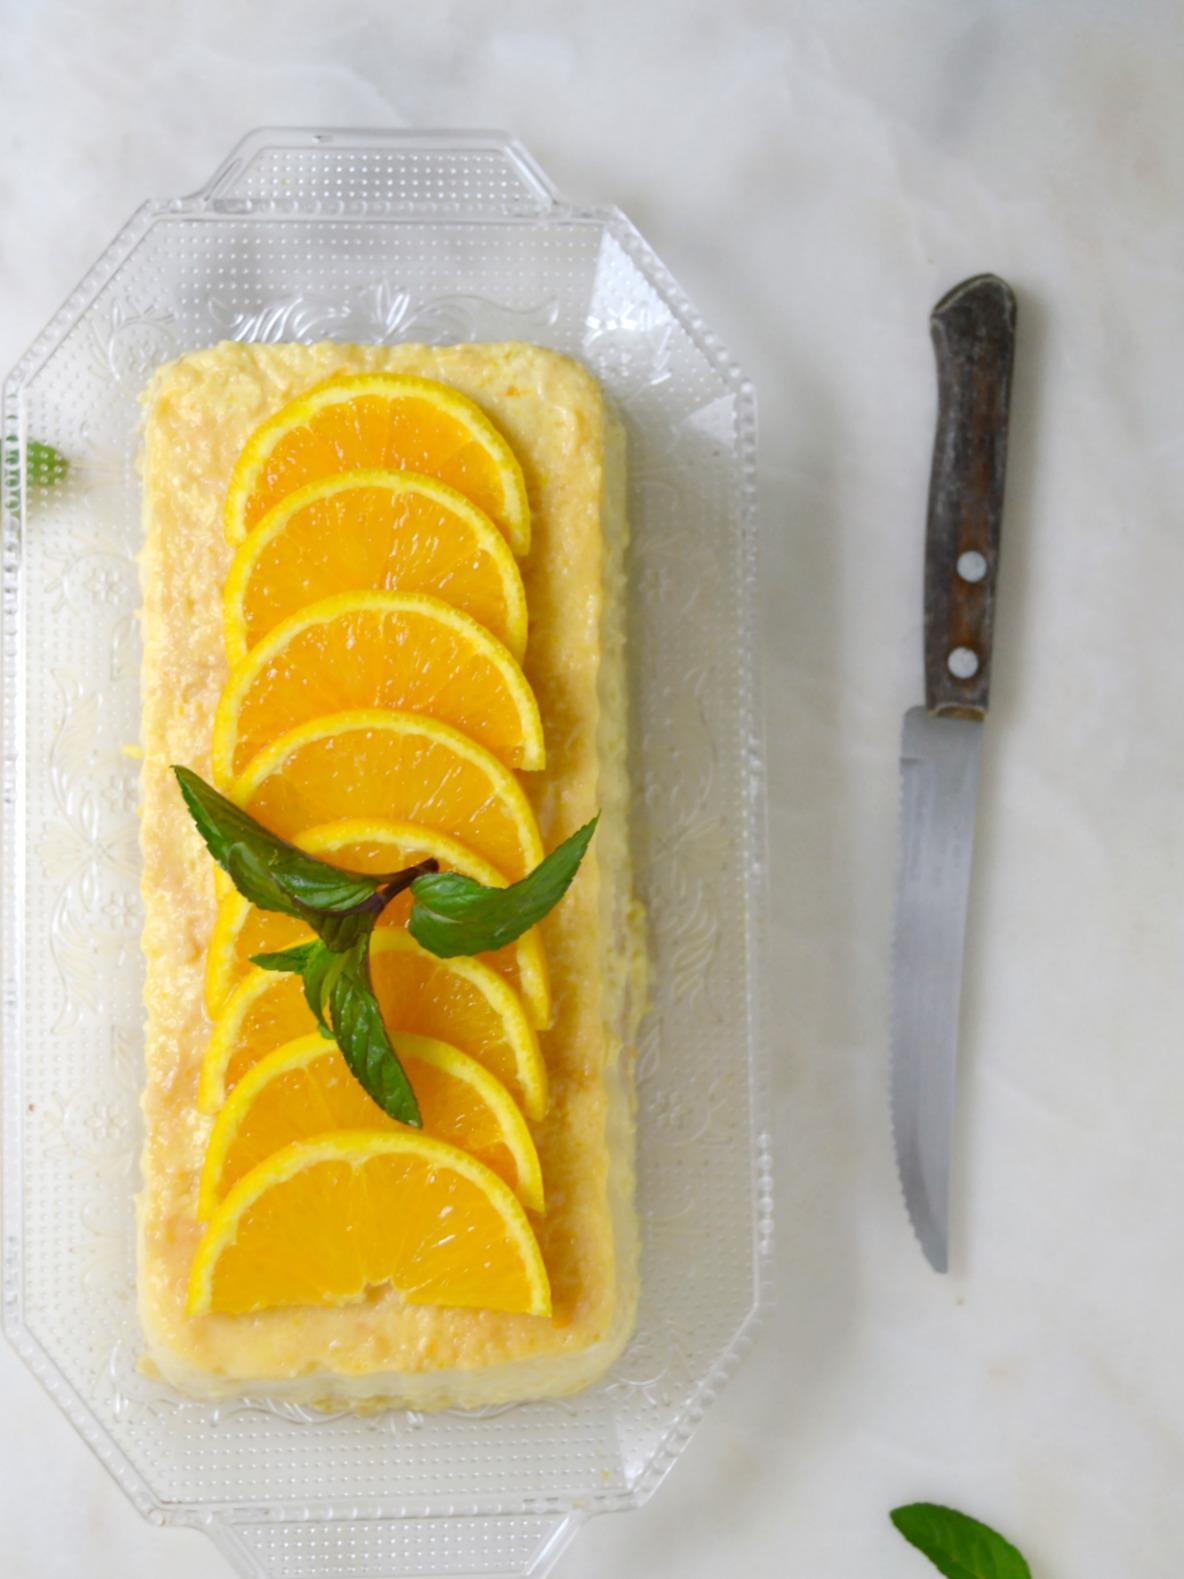 pudin de naranja fácil